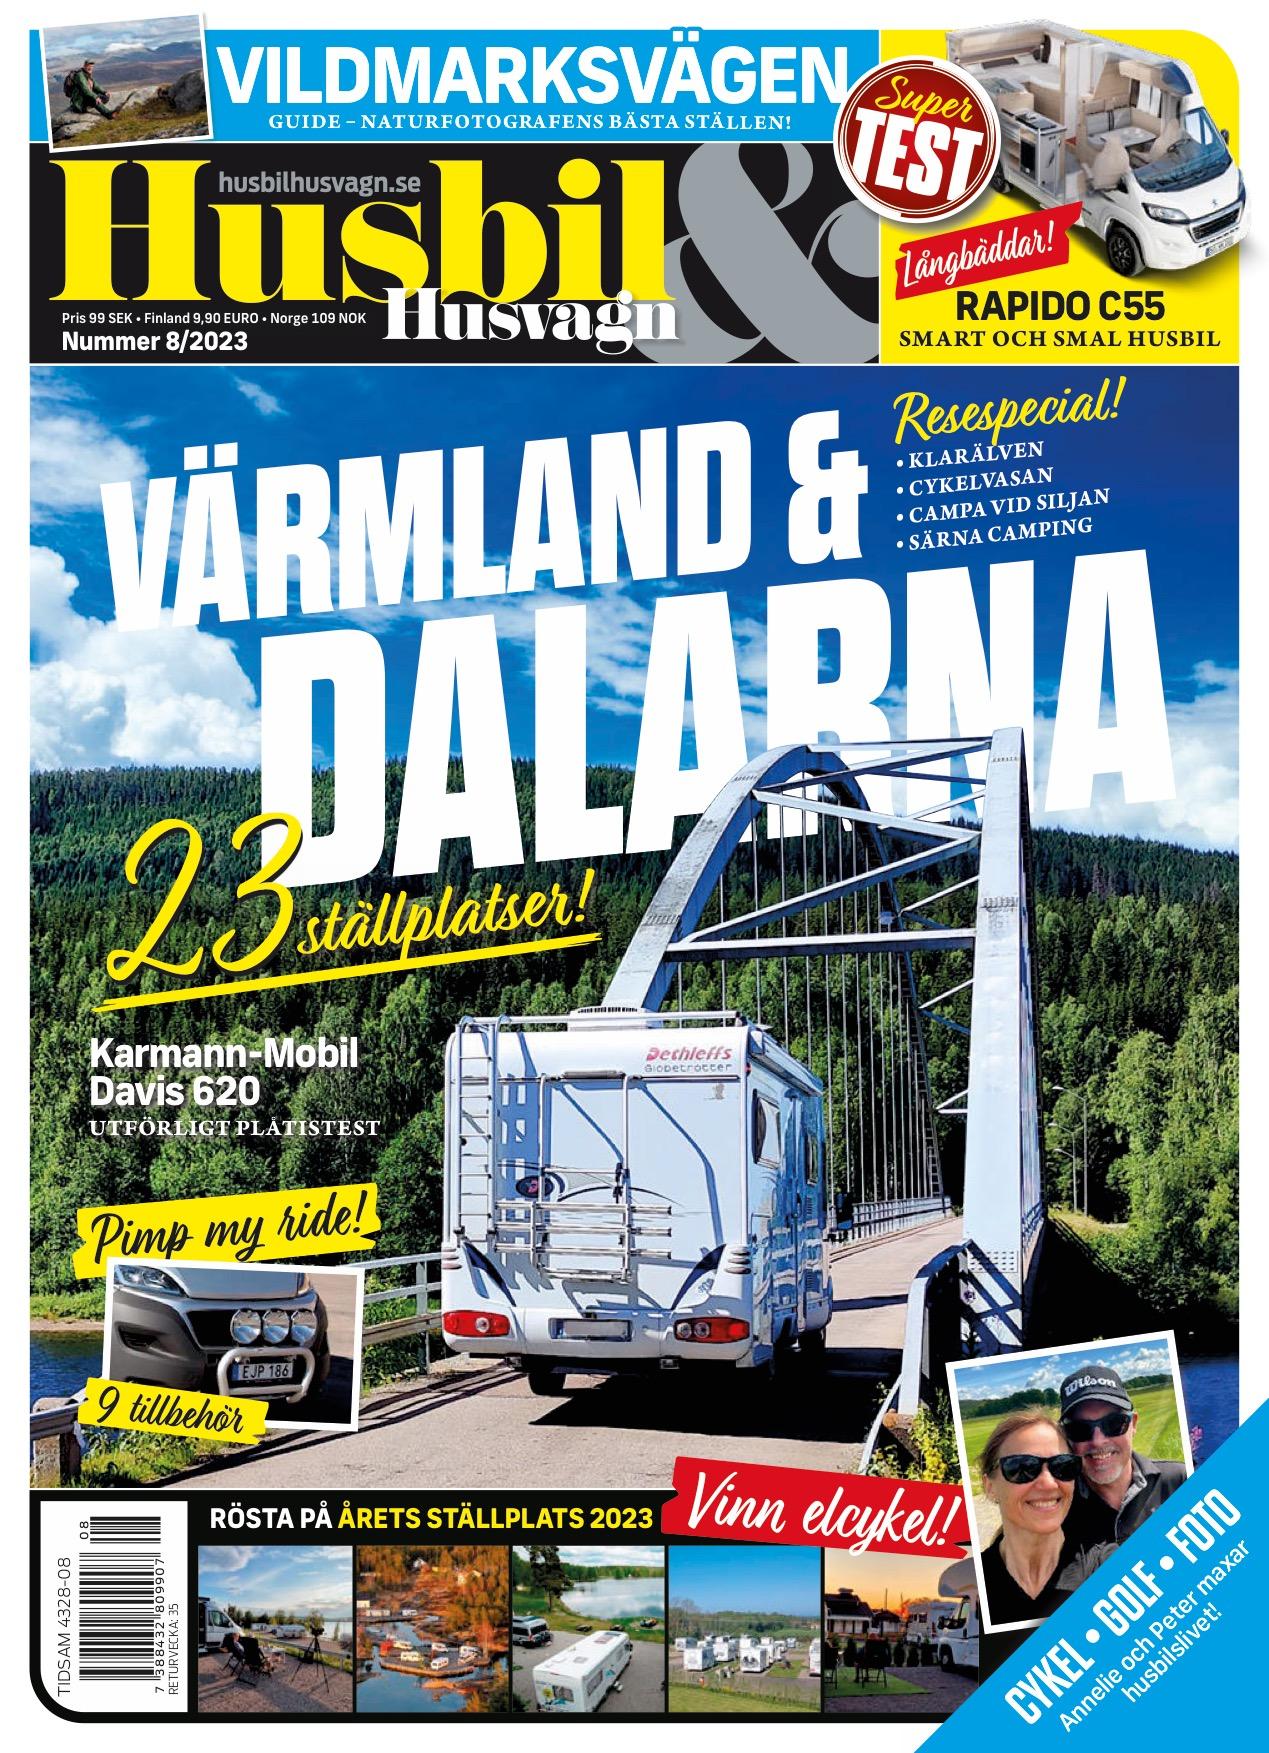 Omslaget till senaste utgåvan av tidningen Husbil & Husvagn.